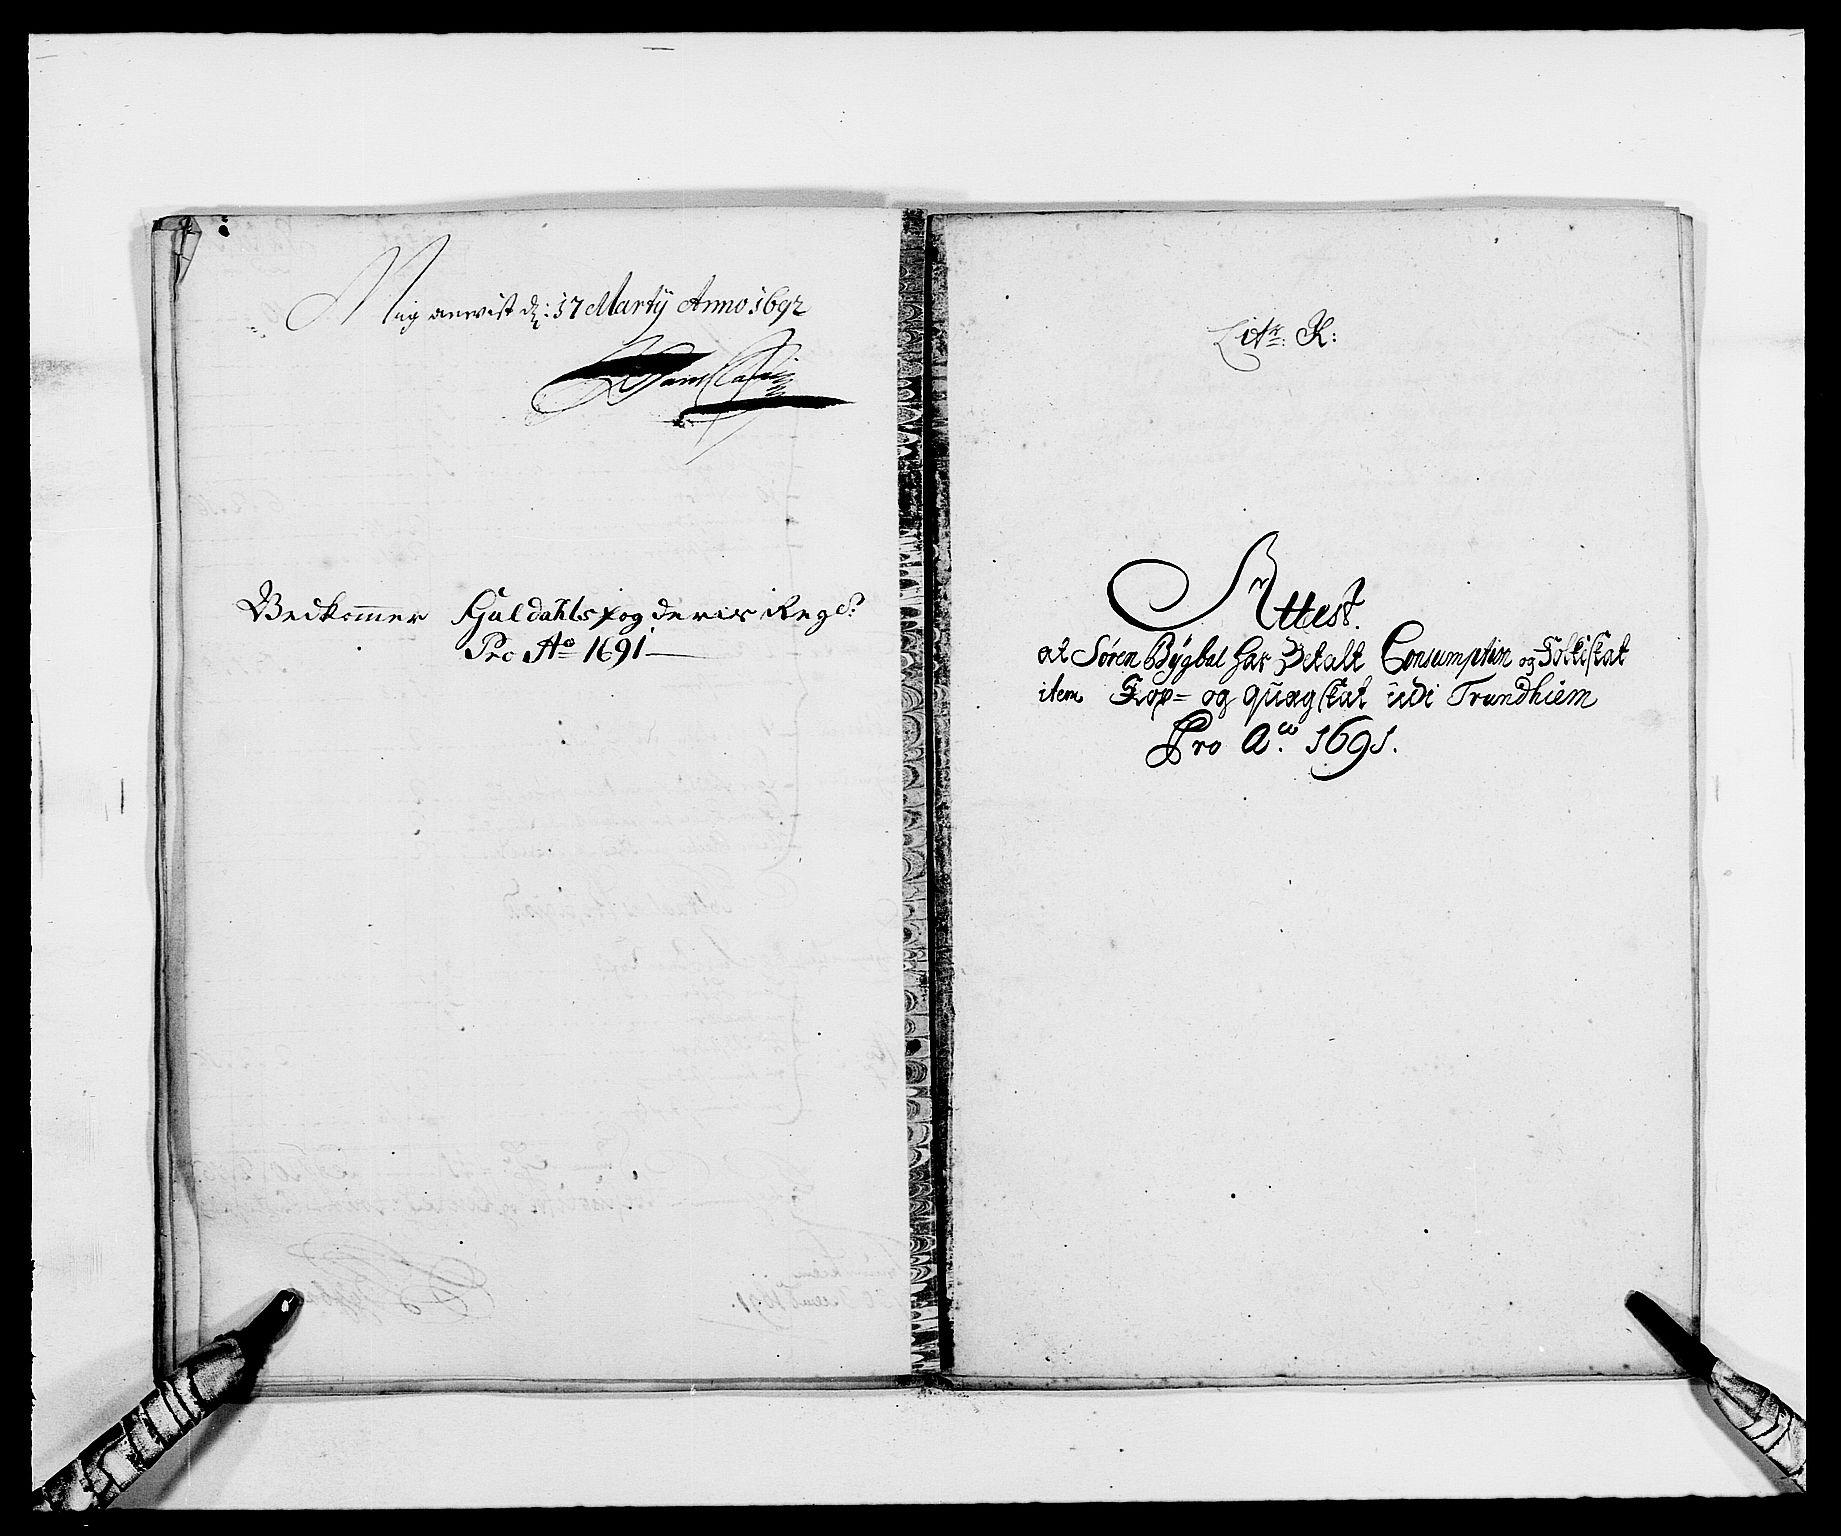 RA, Rentekammeret inntil 1814, Reviderte regnskaper, Fogderegnskap, R59/L3941: Fogderegnskap Gauldal, 1691, s. 113